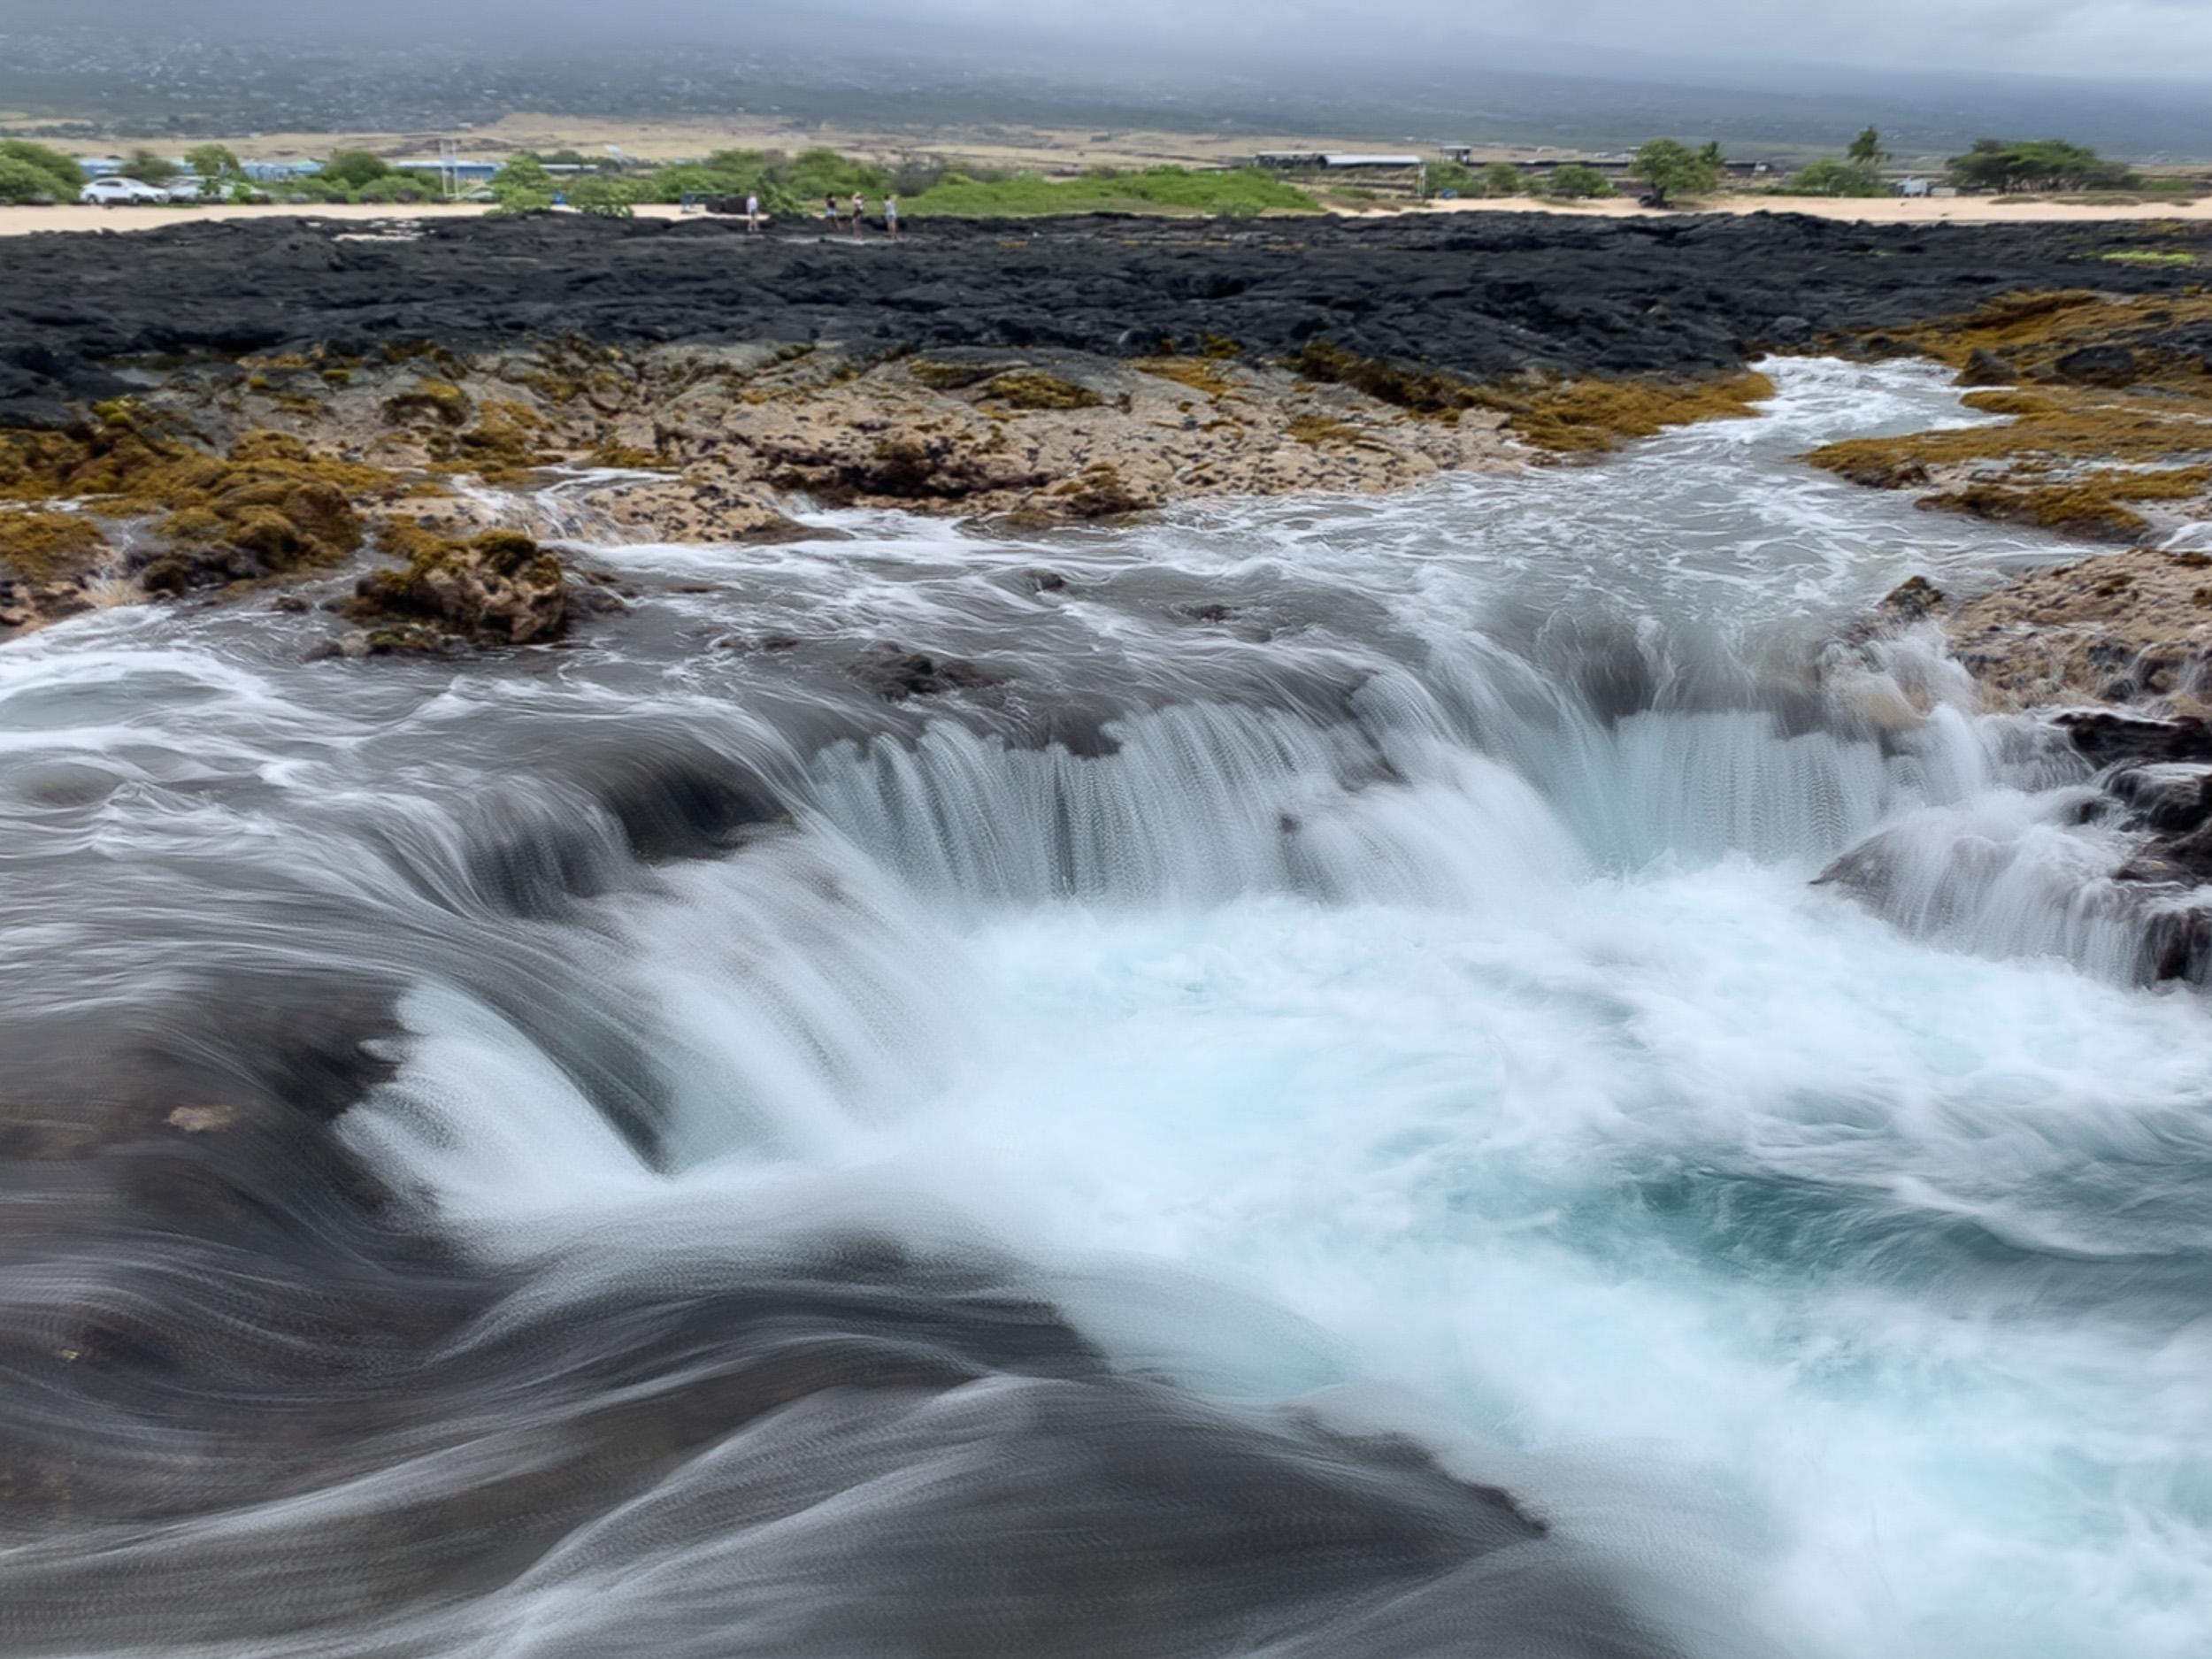 2019-04-12 - Kona, Hawai'i (5 of 8).jpg